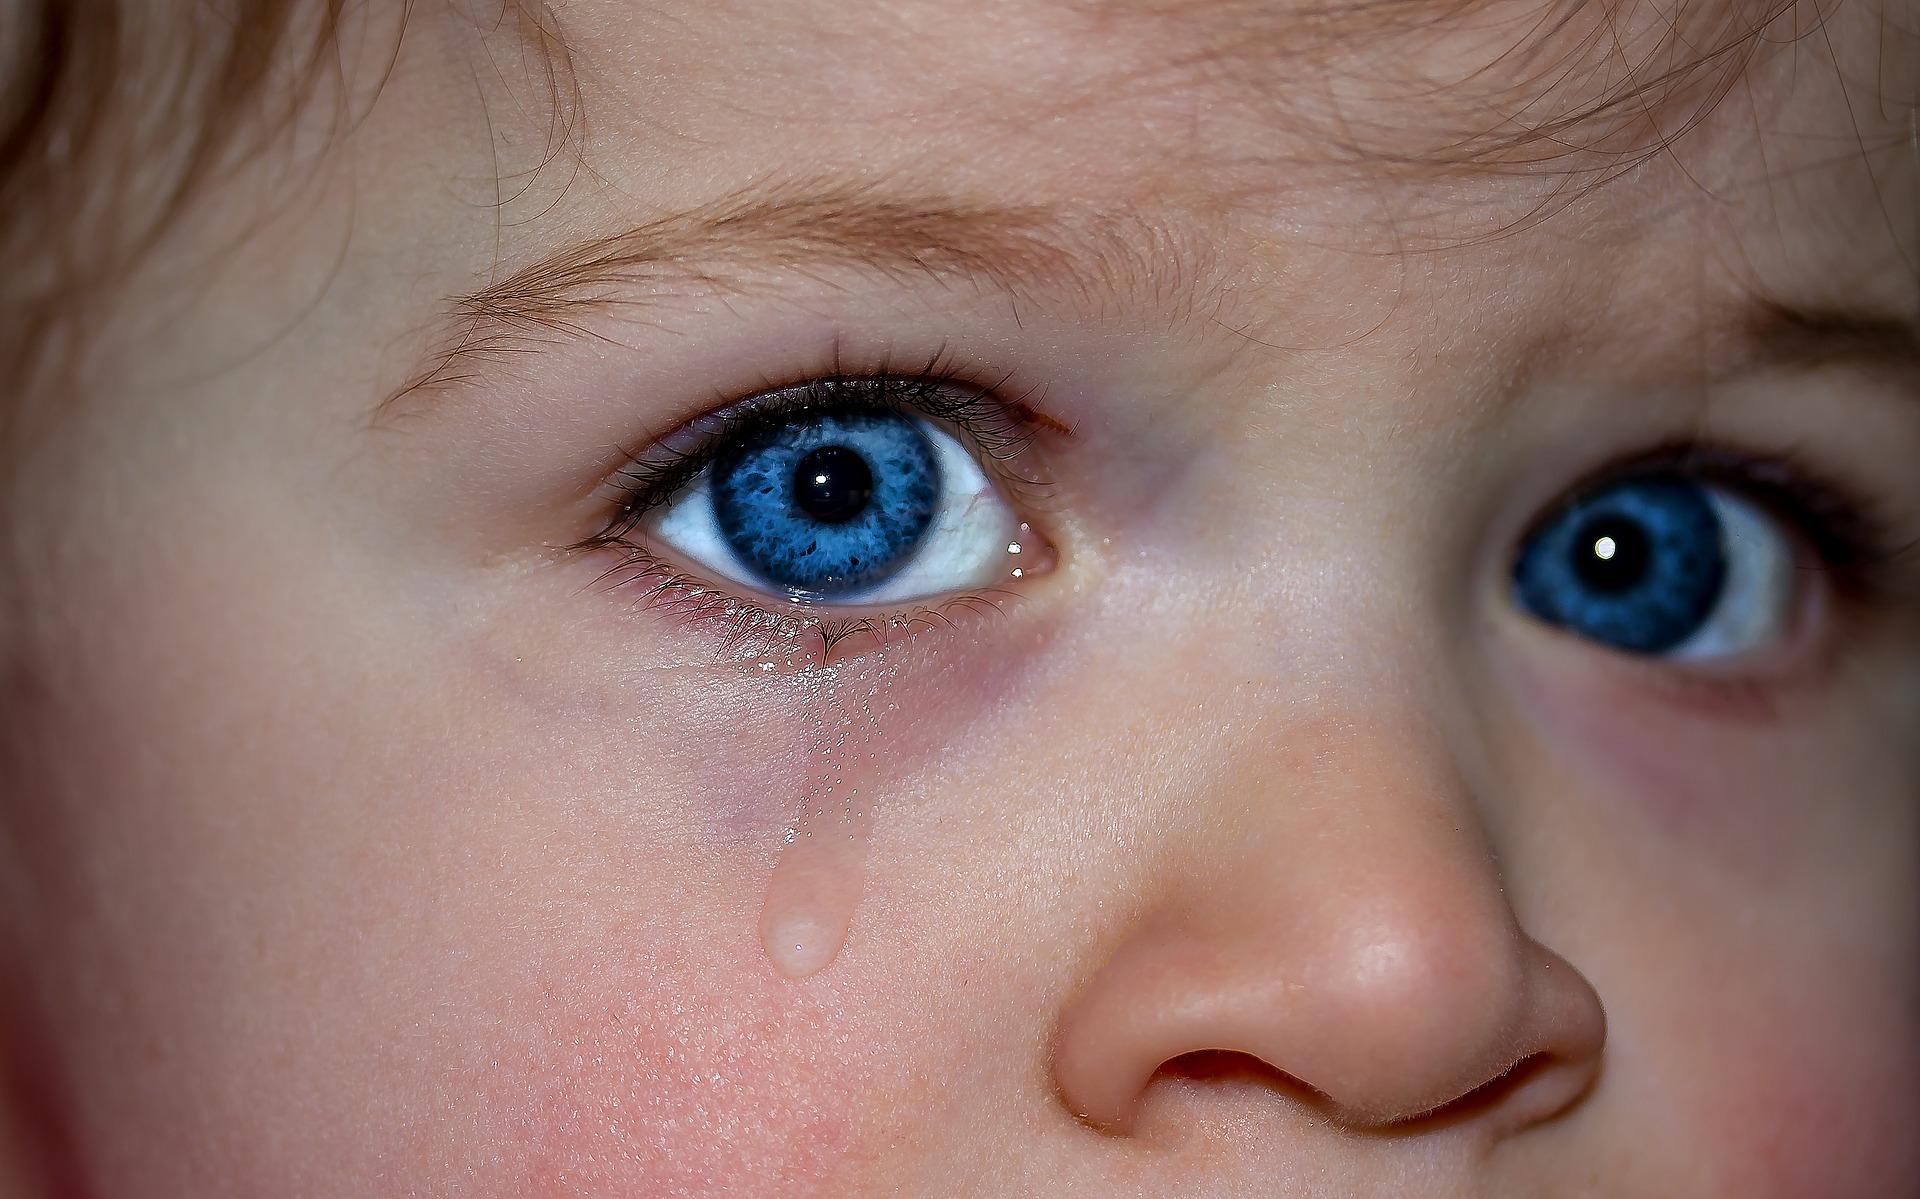 beneficios psicológicos del llanto